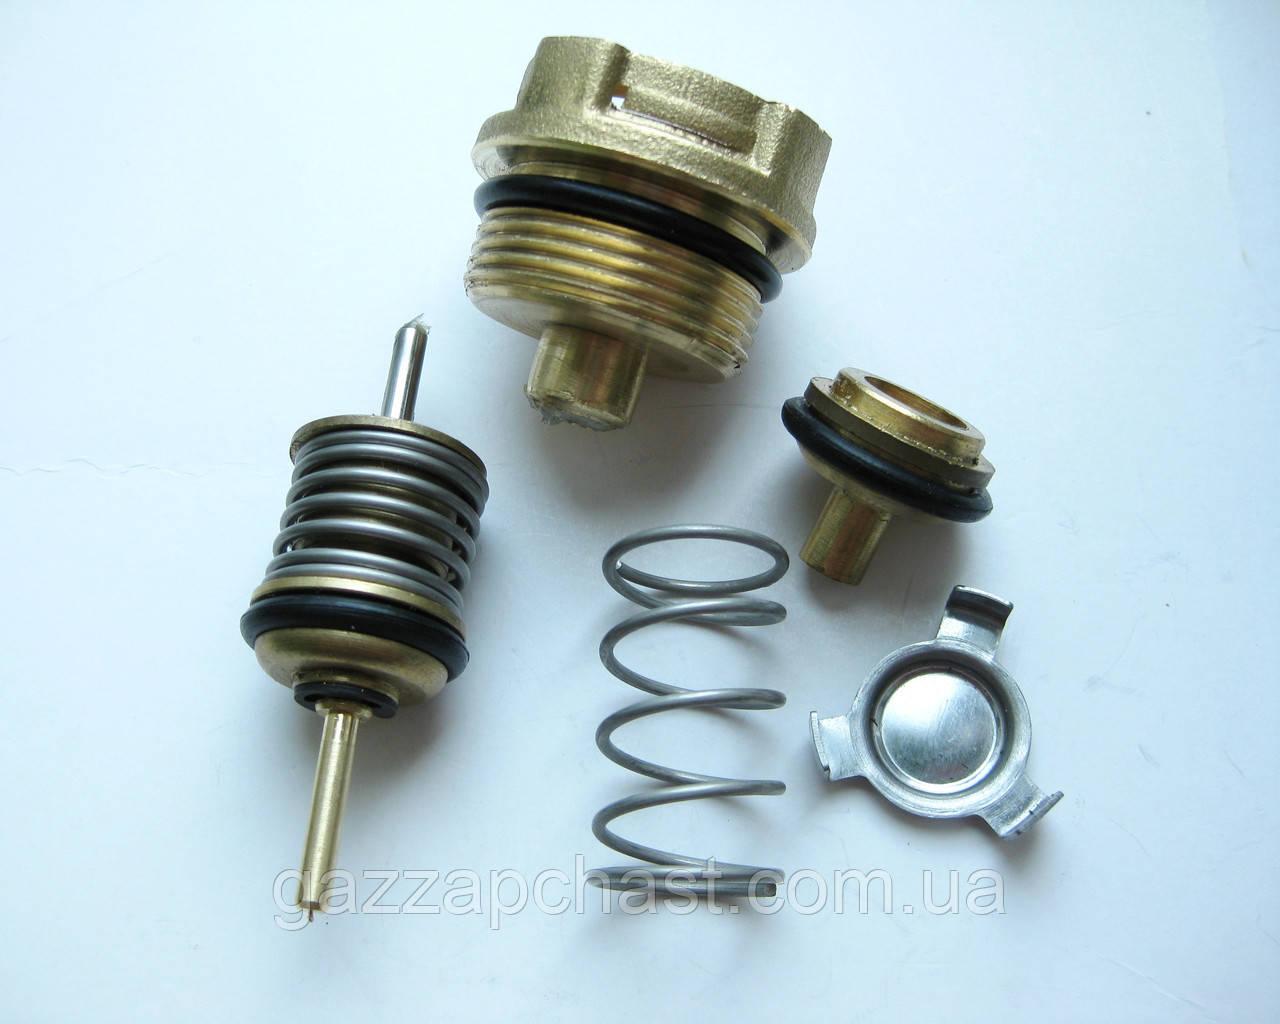 Ремкомплект трехходового клапана Zoom, Rens, Solly, Baxi, Grandini, Protherm, Buderus (11030025)